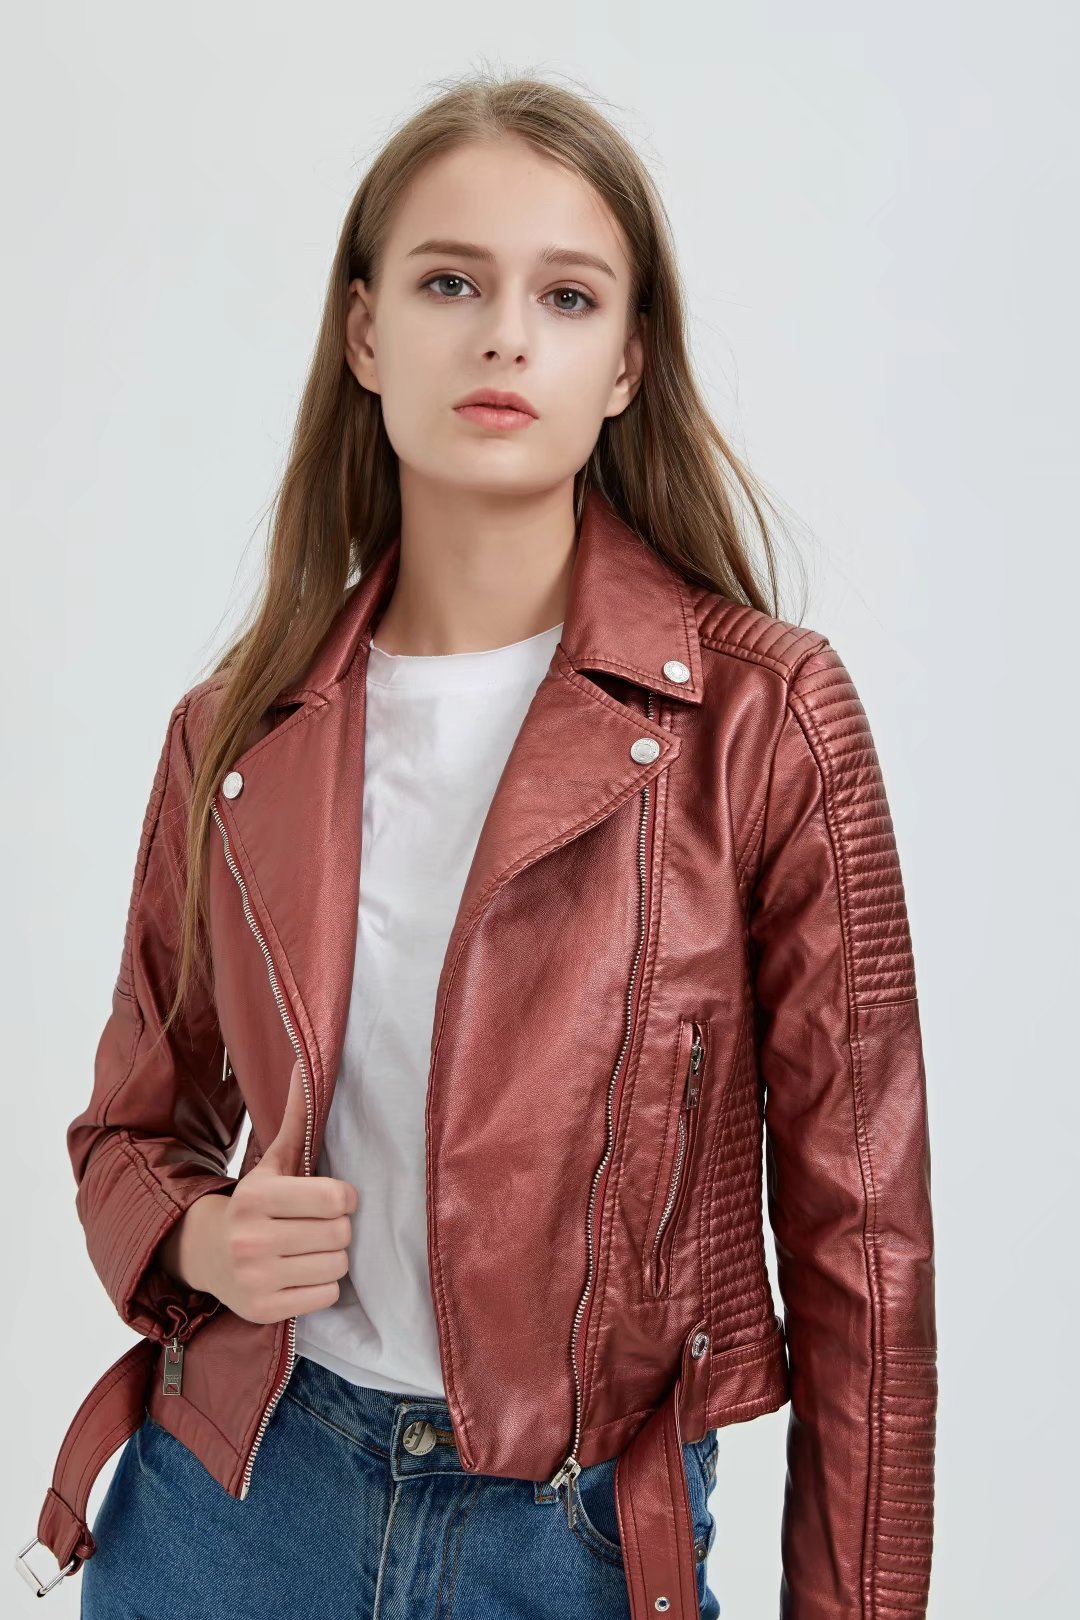 Zipper Faux multi Noir argent Slim Femmes Pu Mode Manteau Manches Vestes Courtes rose blanc Hiver Pleine Veste Moto rouge Cuir g4PnHxq5w